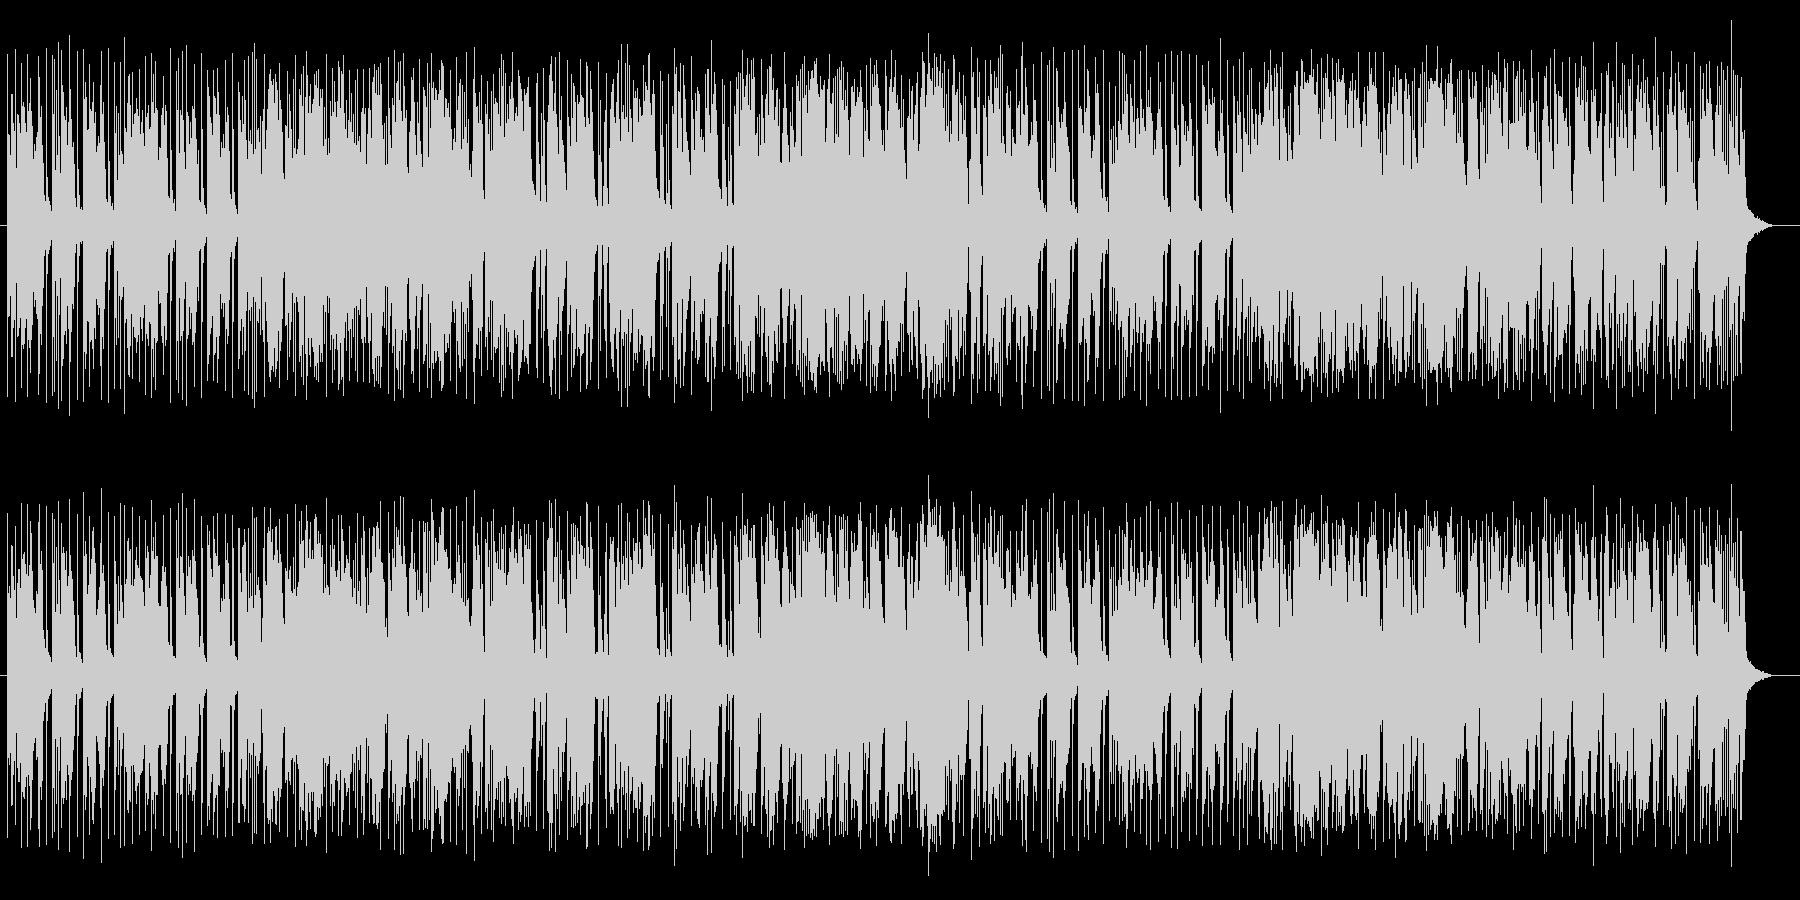 ブルージーでファンクな特徴のあるポップスの未再生の波形